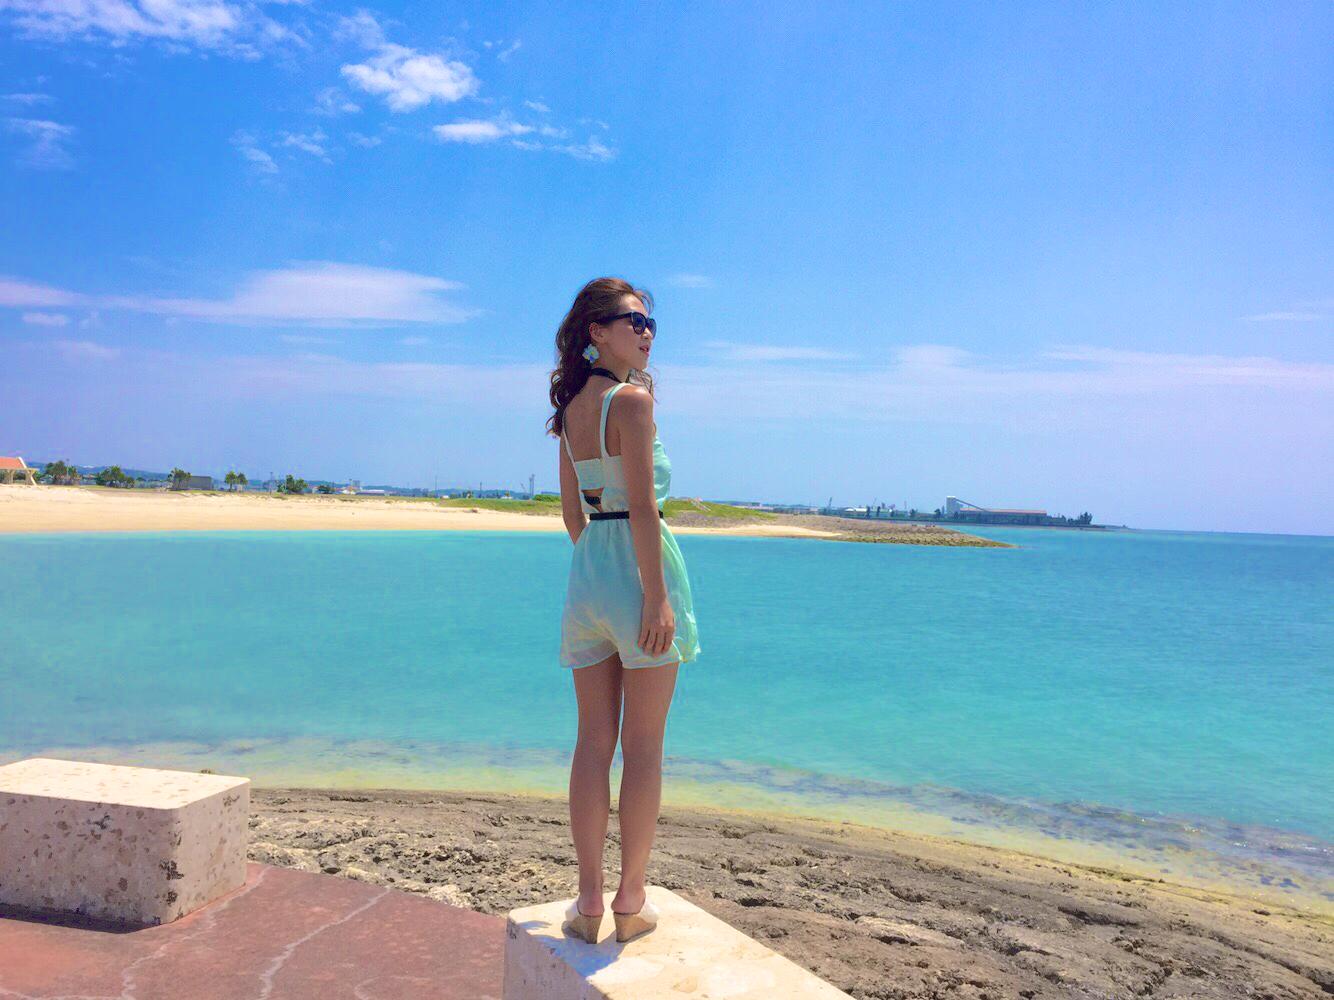 【沖縄女子旅】沖縄旅行!本島のBEACHはどこへ行く?迷ったら空港近くのココがおすすめ♡!_6